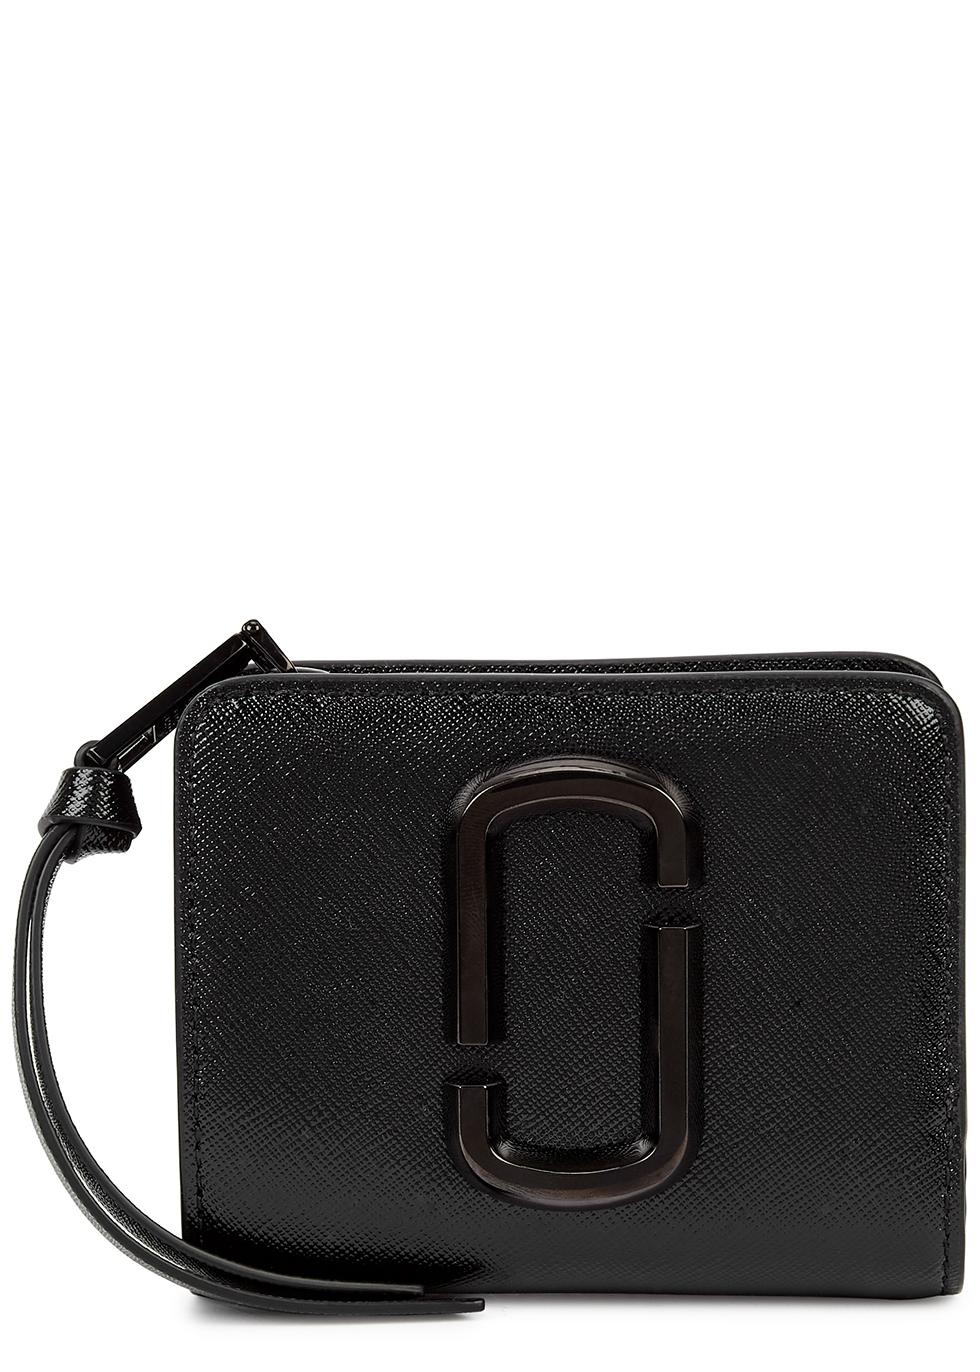 Snapshot DTM black leather wallet